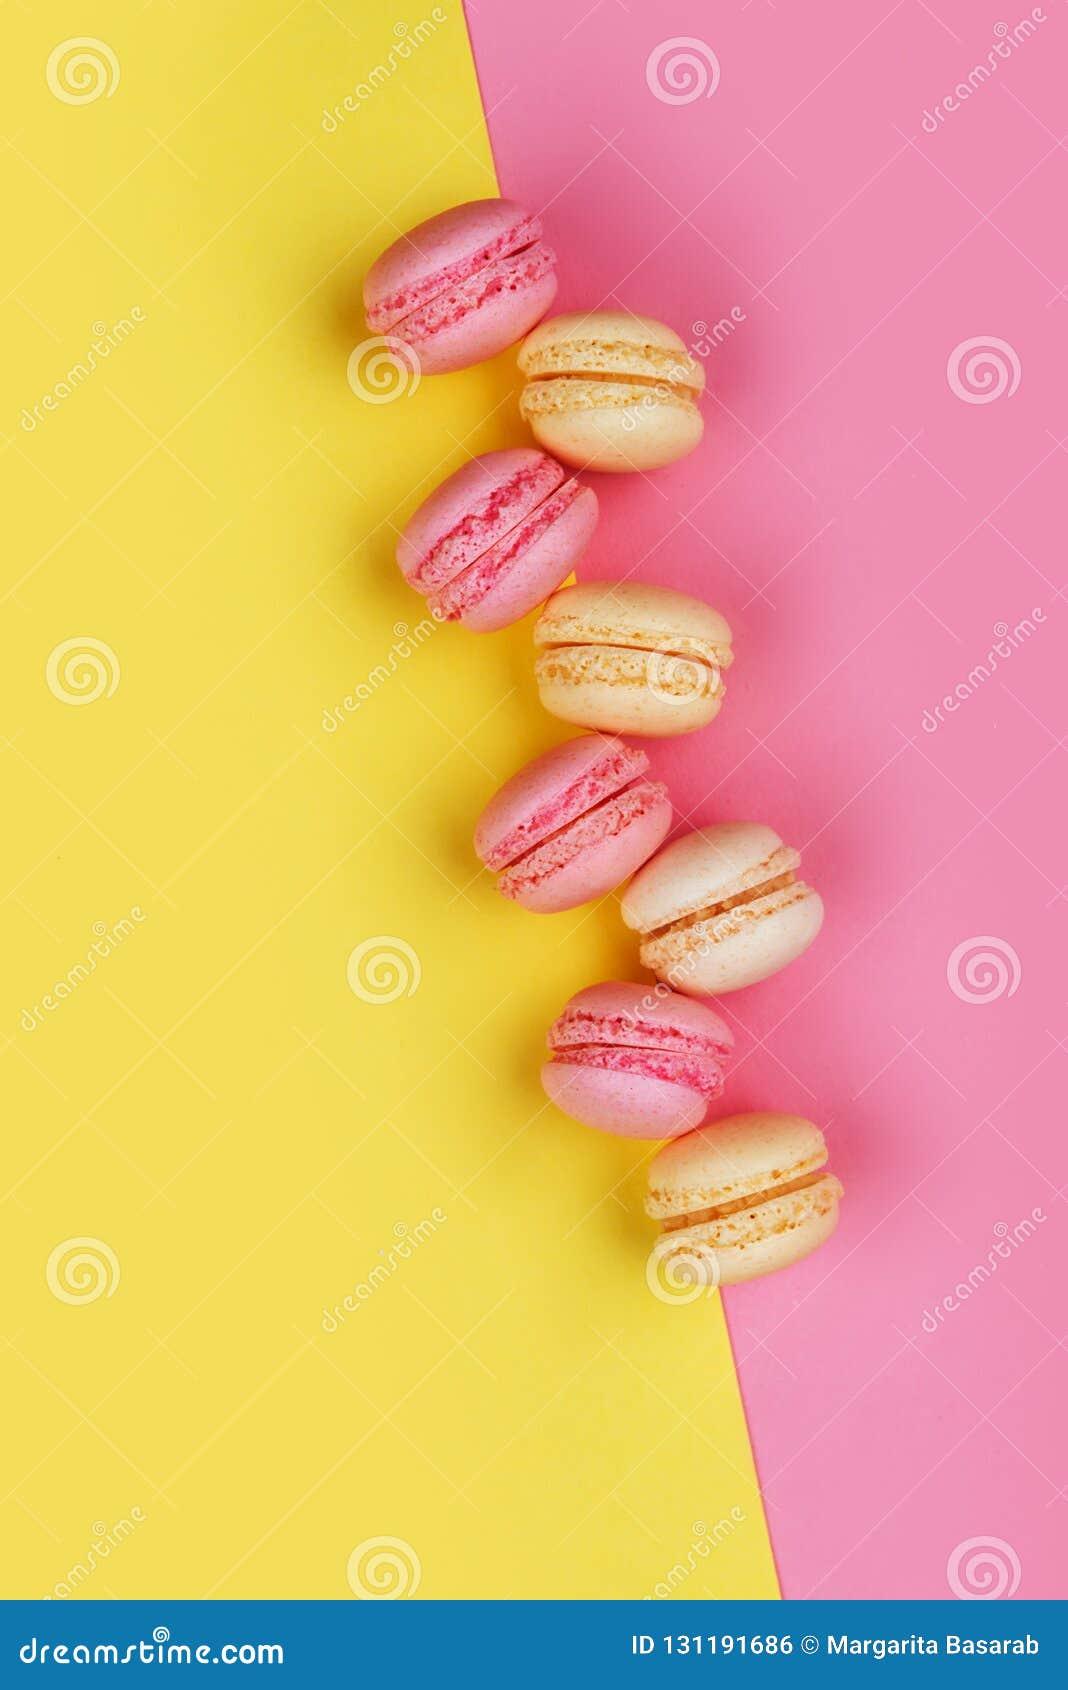 Macarons sur le jaune - le fond rose s est divisé diagonalement en deux triangles